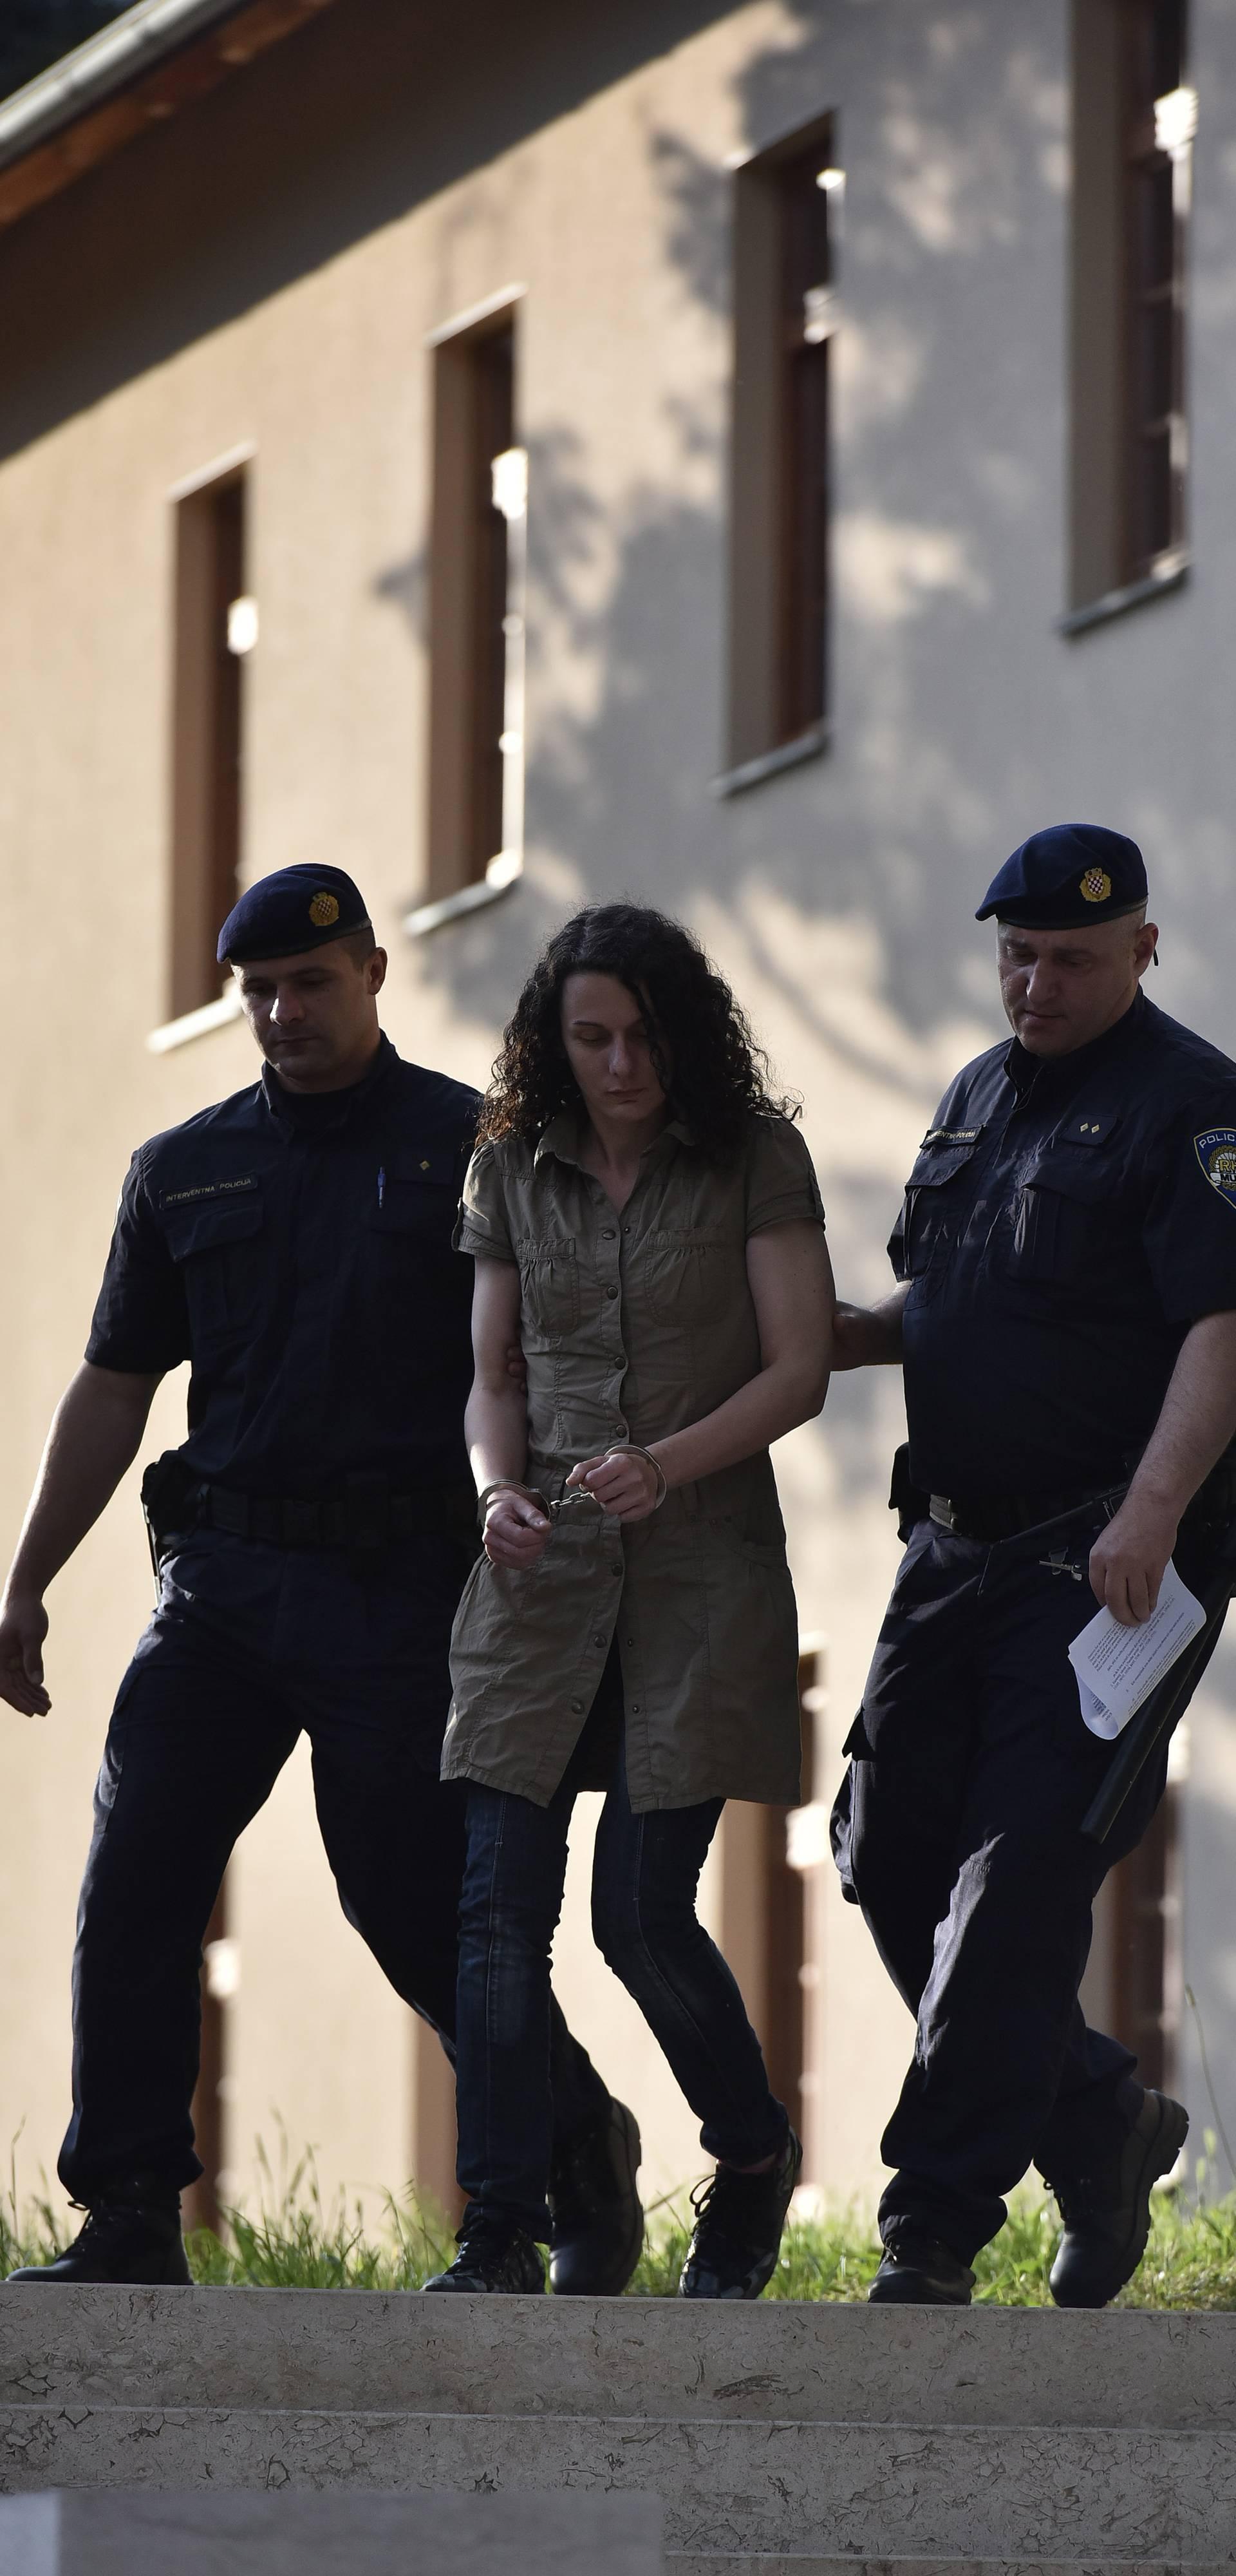 Ubila sina: Monstruoznu majku prevezli su u zatvorsku bolnicu